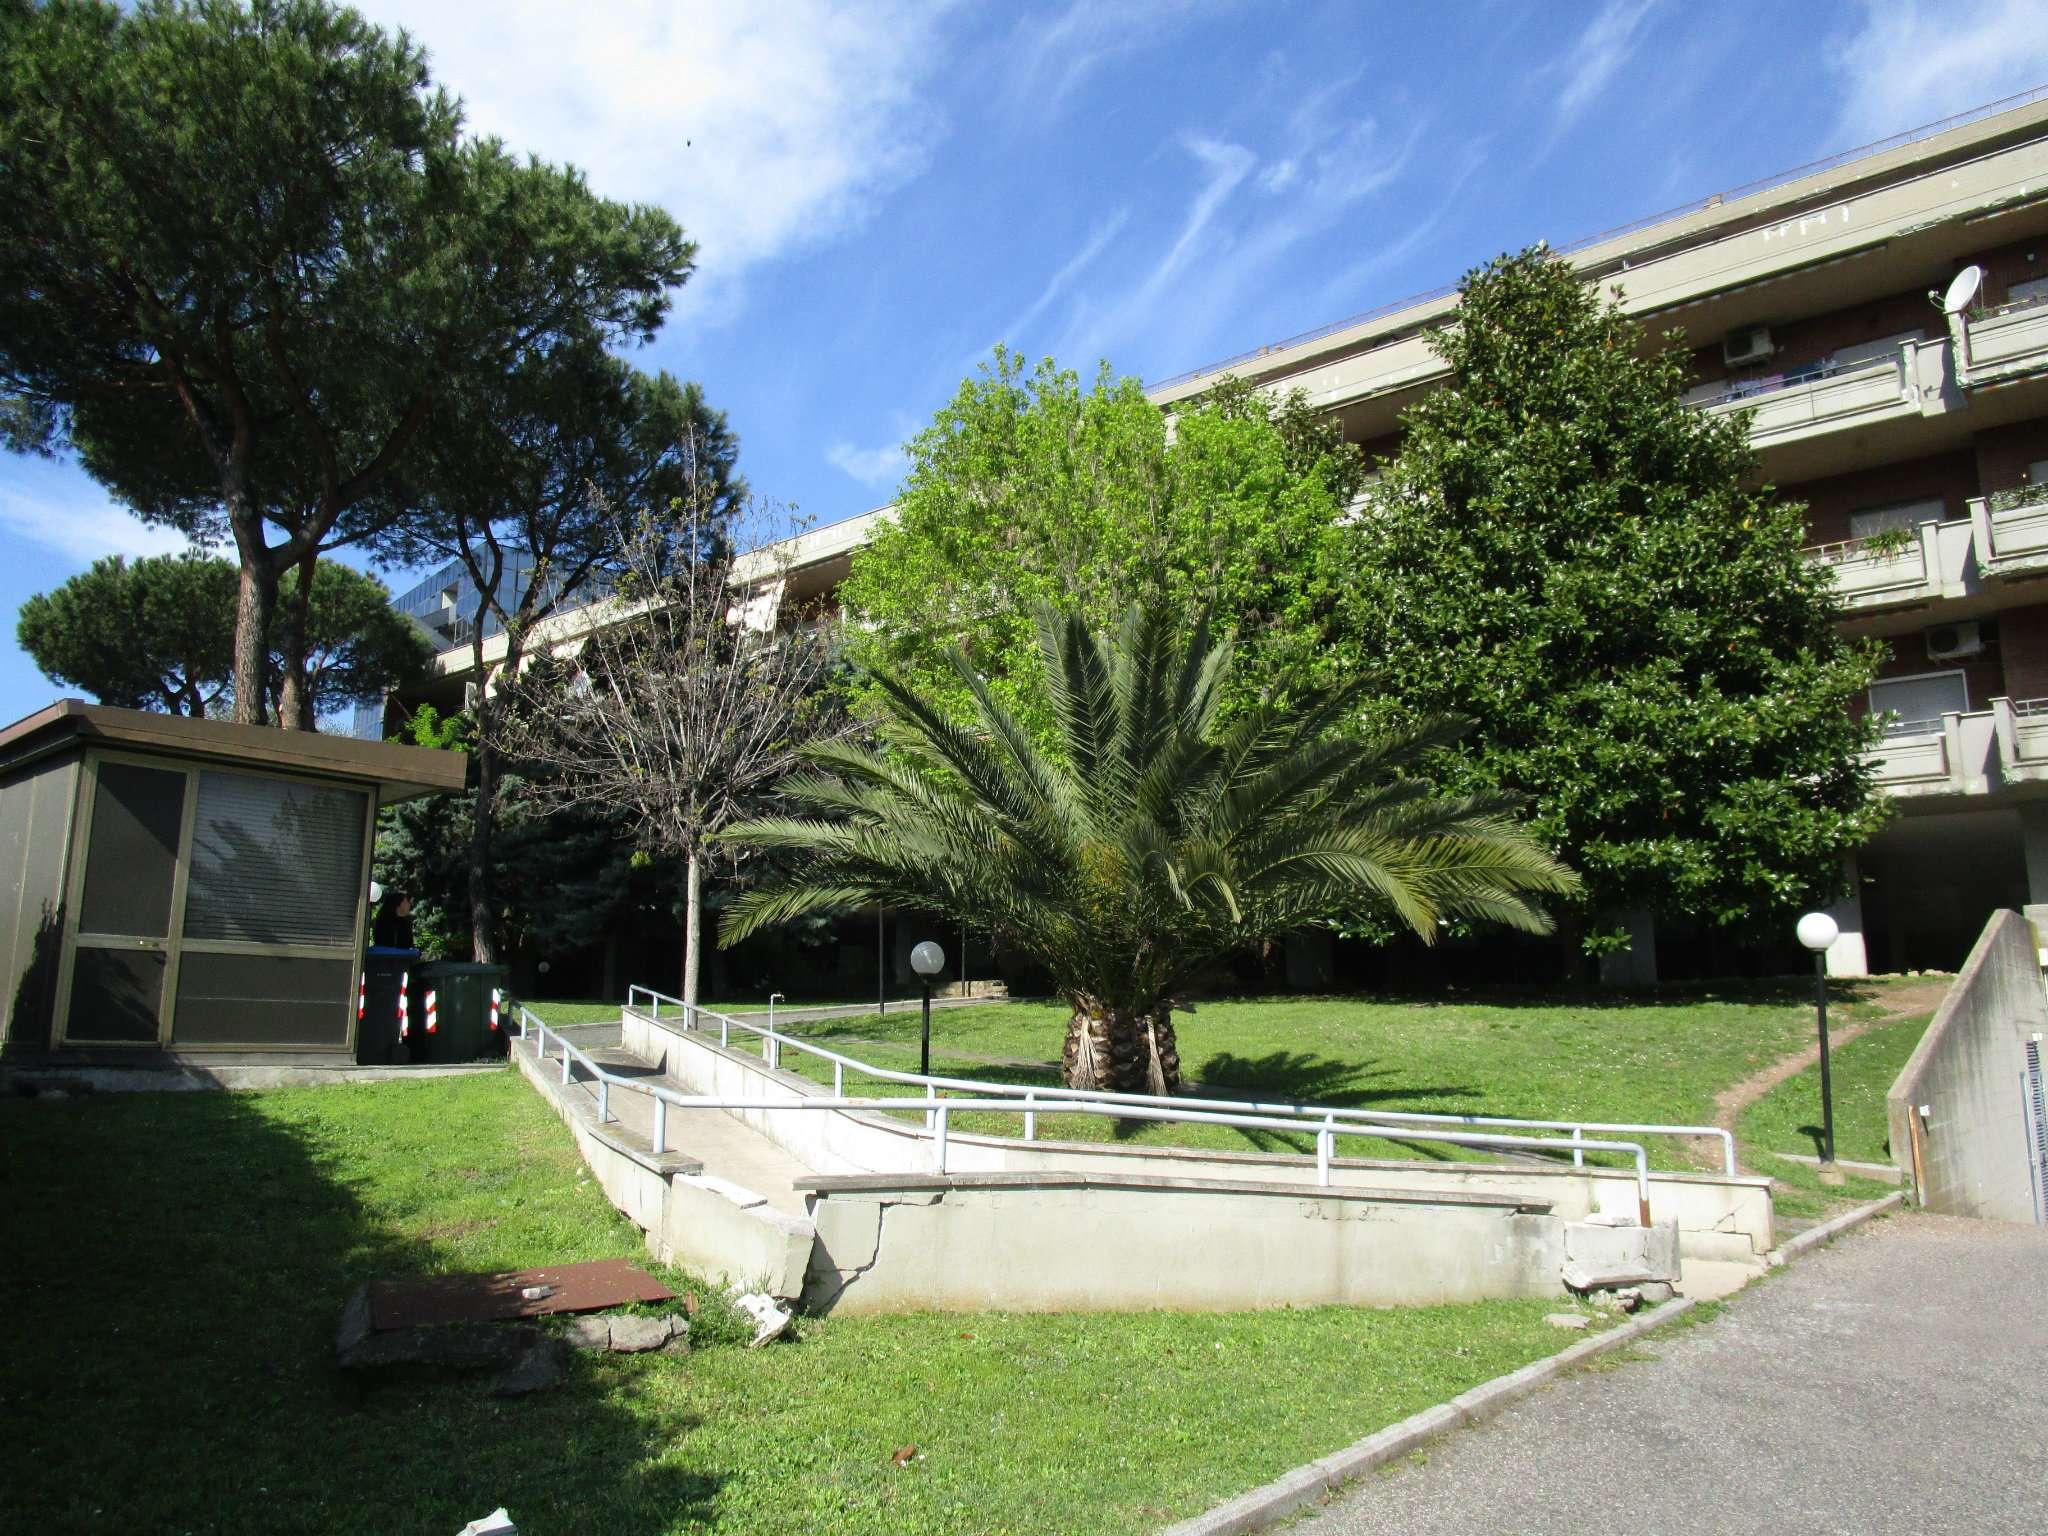 Appartamento in vendita a Roma, 2 locali, zona Zona: 22 . Eur - Torrino - Spinaceto, prezzo € 210.000 | CambioCasa.it